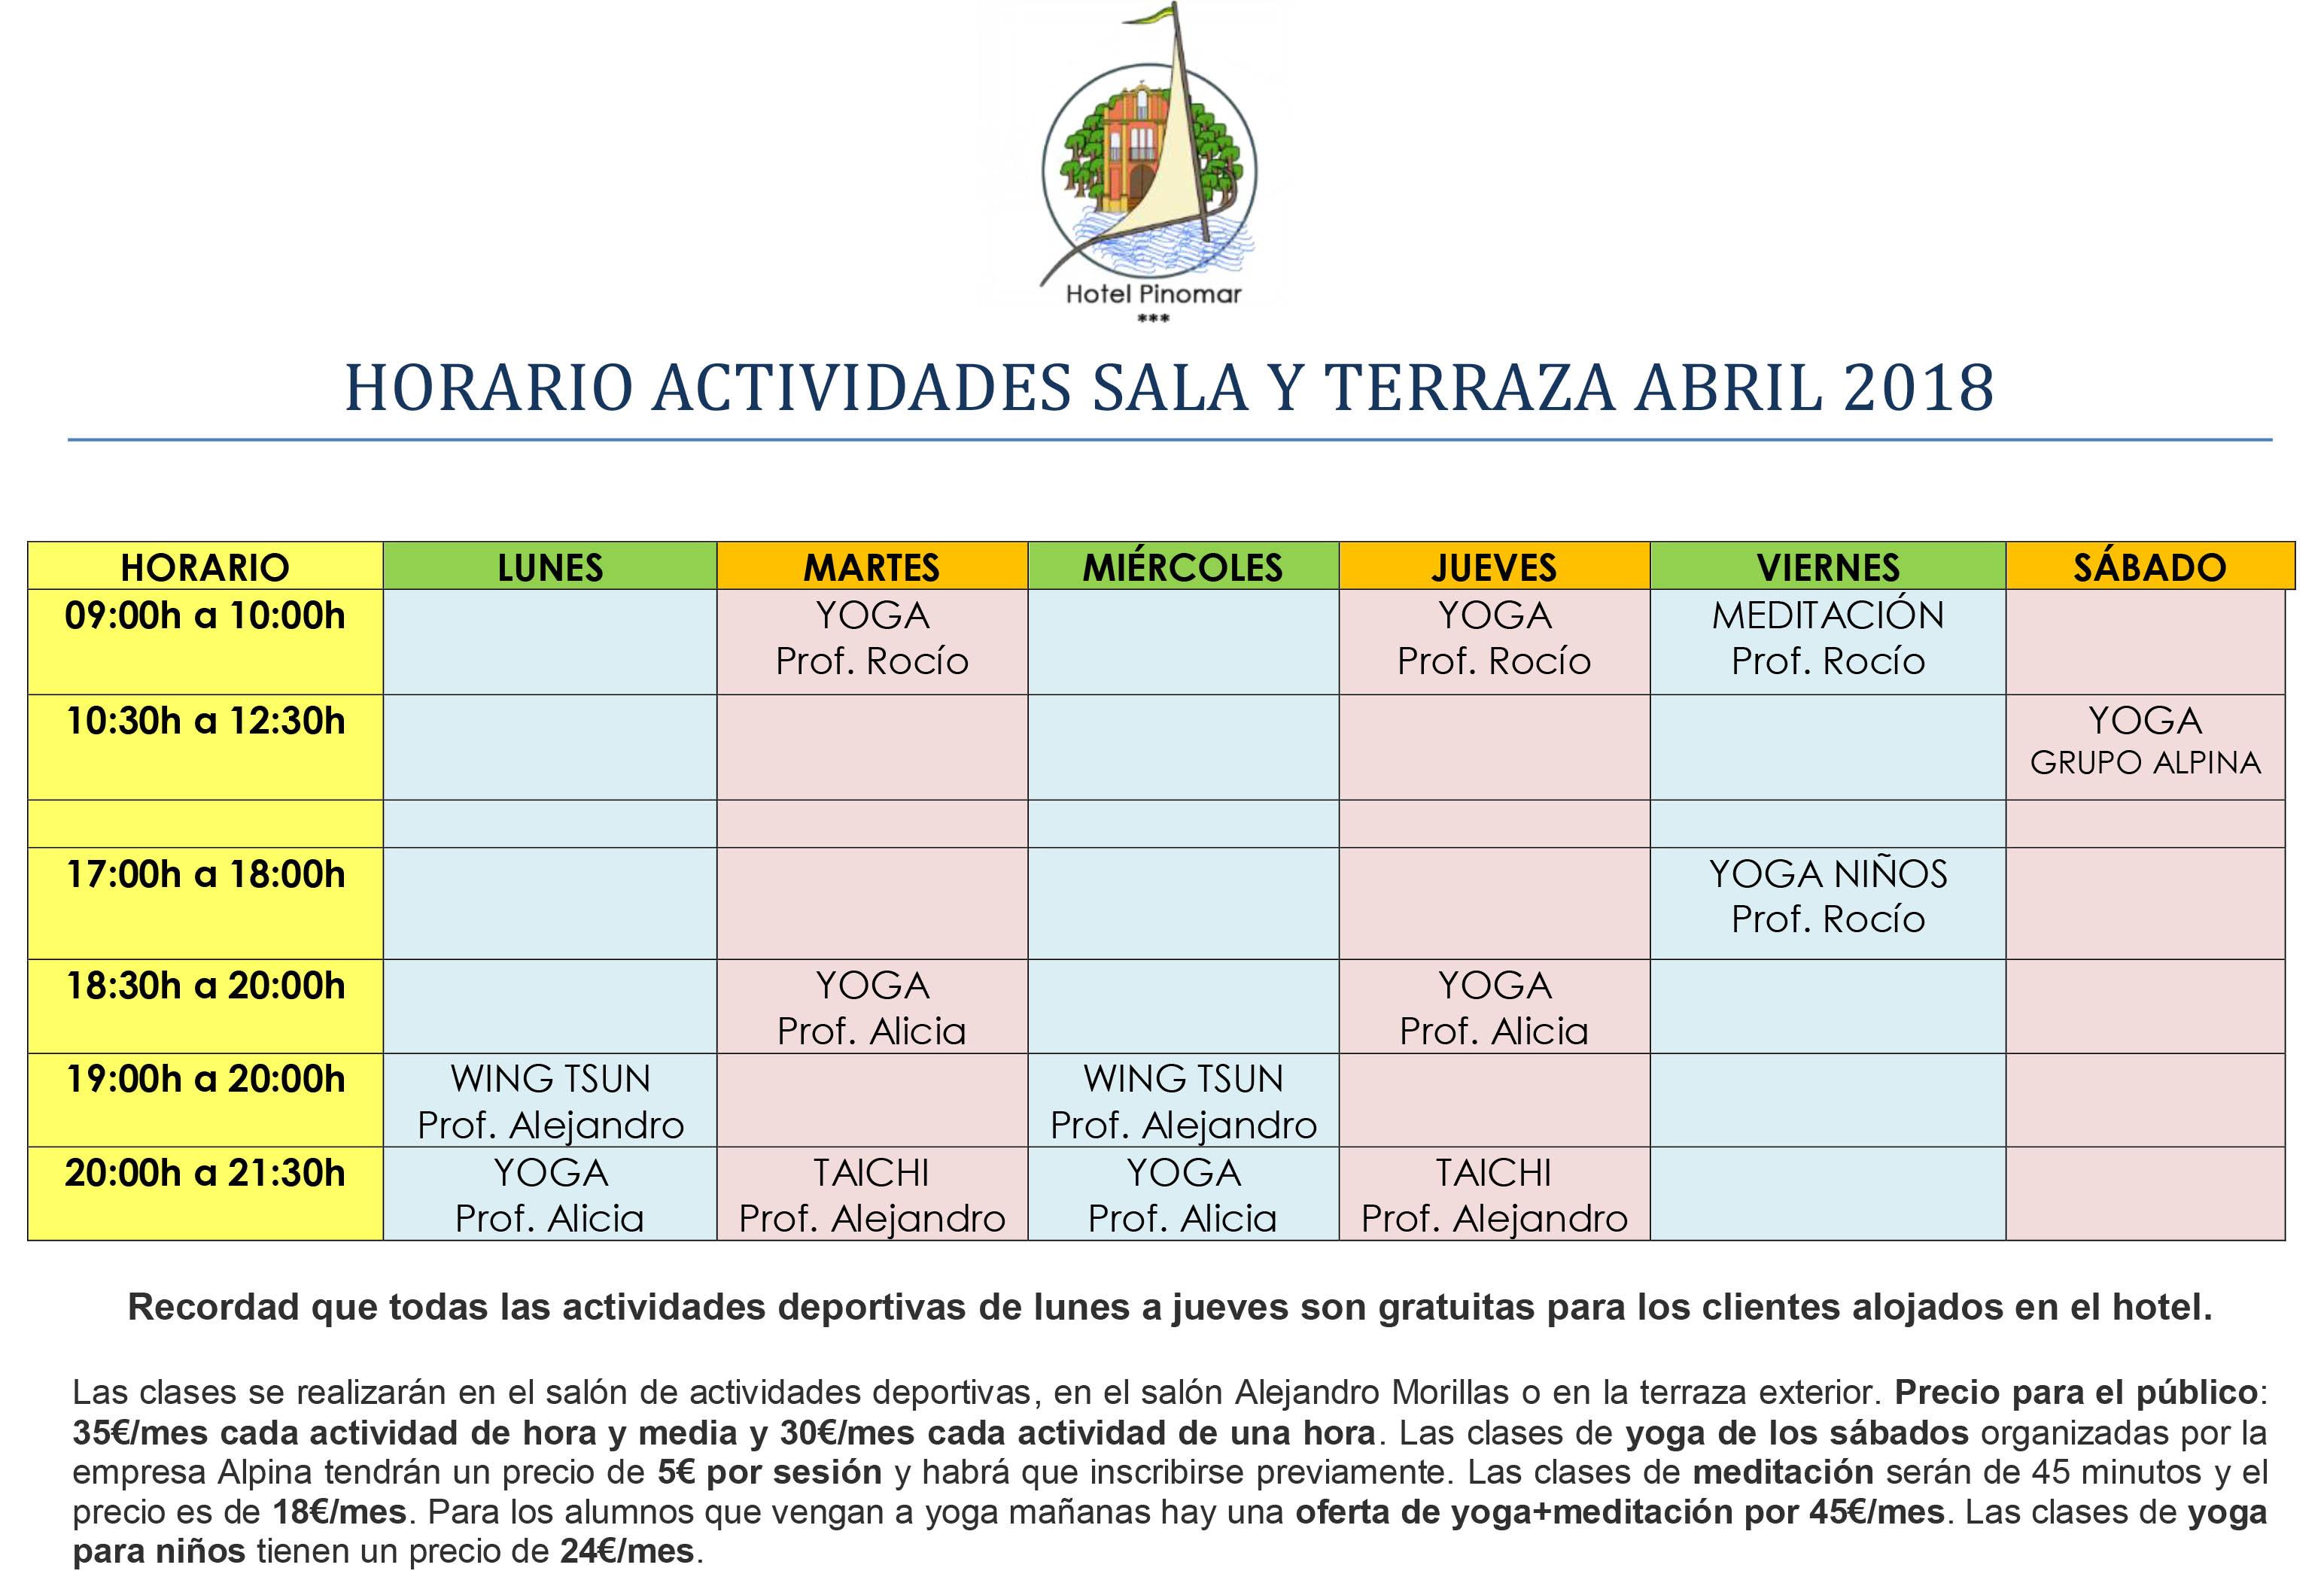 HORARIO ACTIVIDADES DIRIGIDAS ABRIL 2018